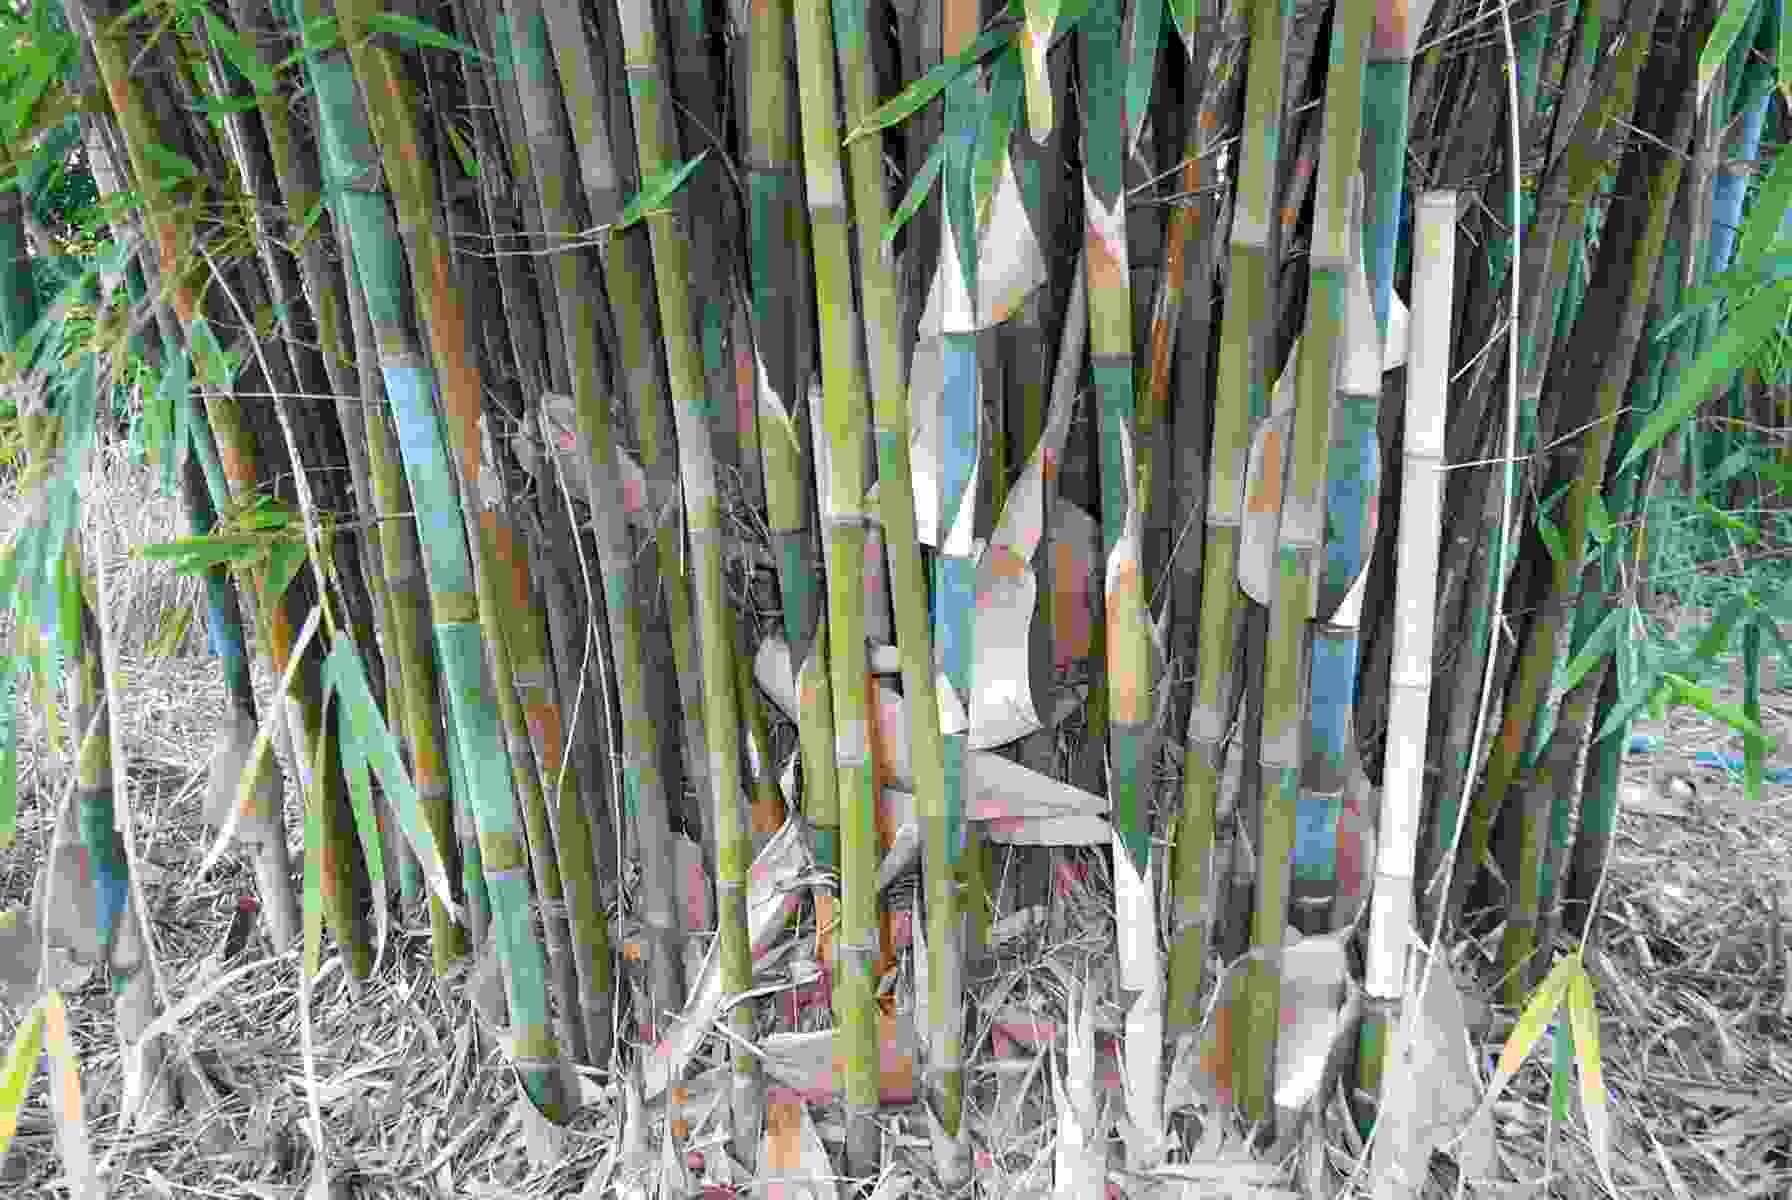 Bambusa tuldoides